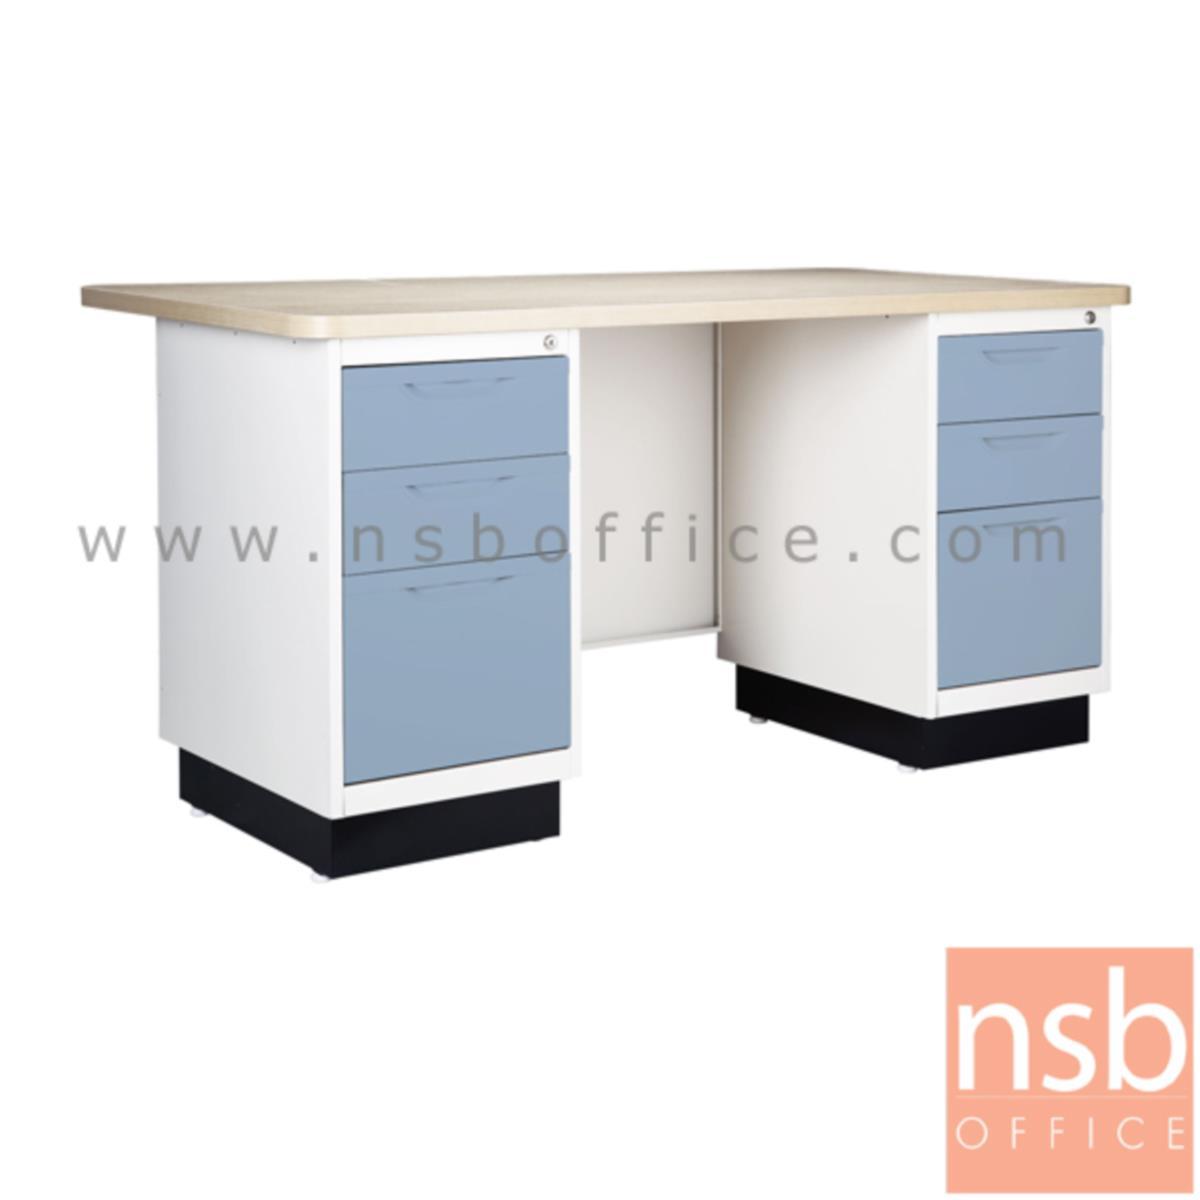 โต๊ะทำงานหน้า Melamine ลายไม้สีบีช 6 ลิ้นชัก รุ่น BS-156 ขนาด 5 ฟุต 150W*75H cm.